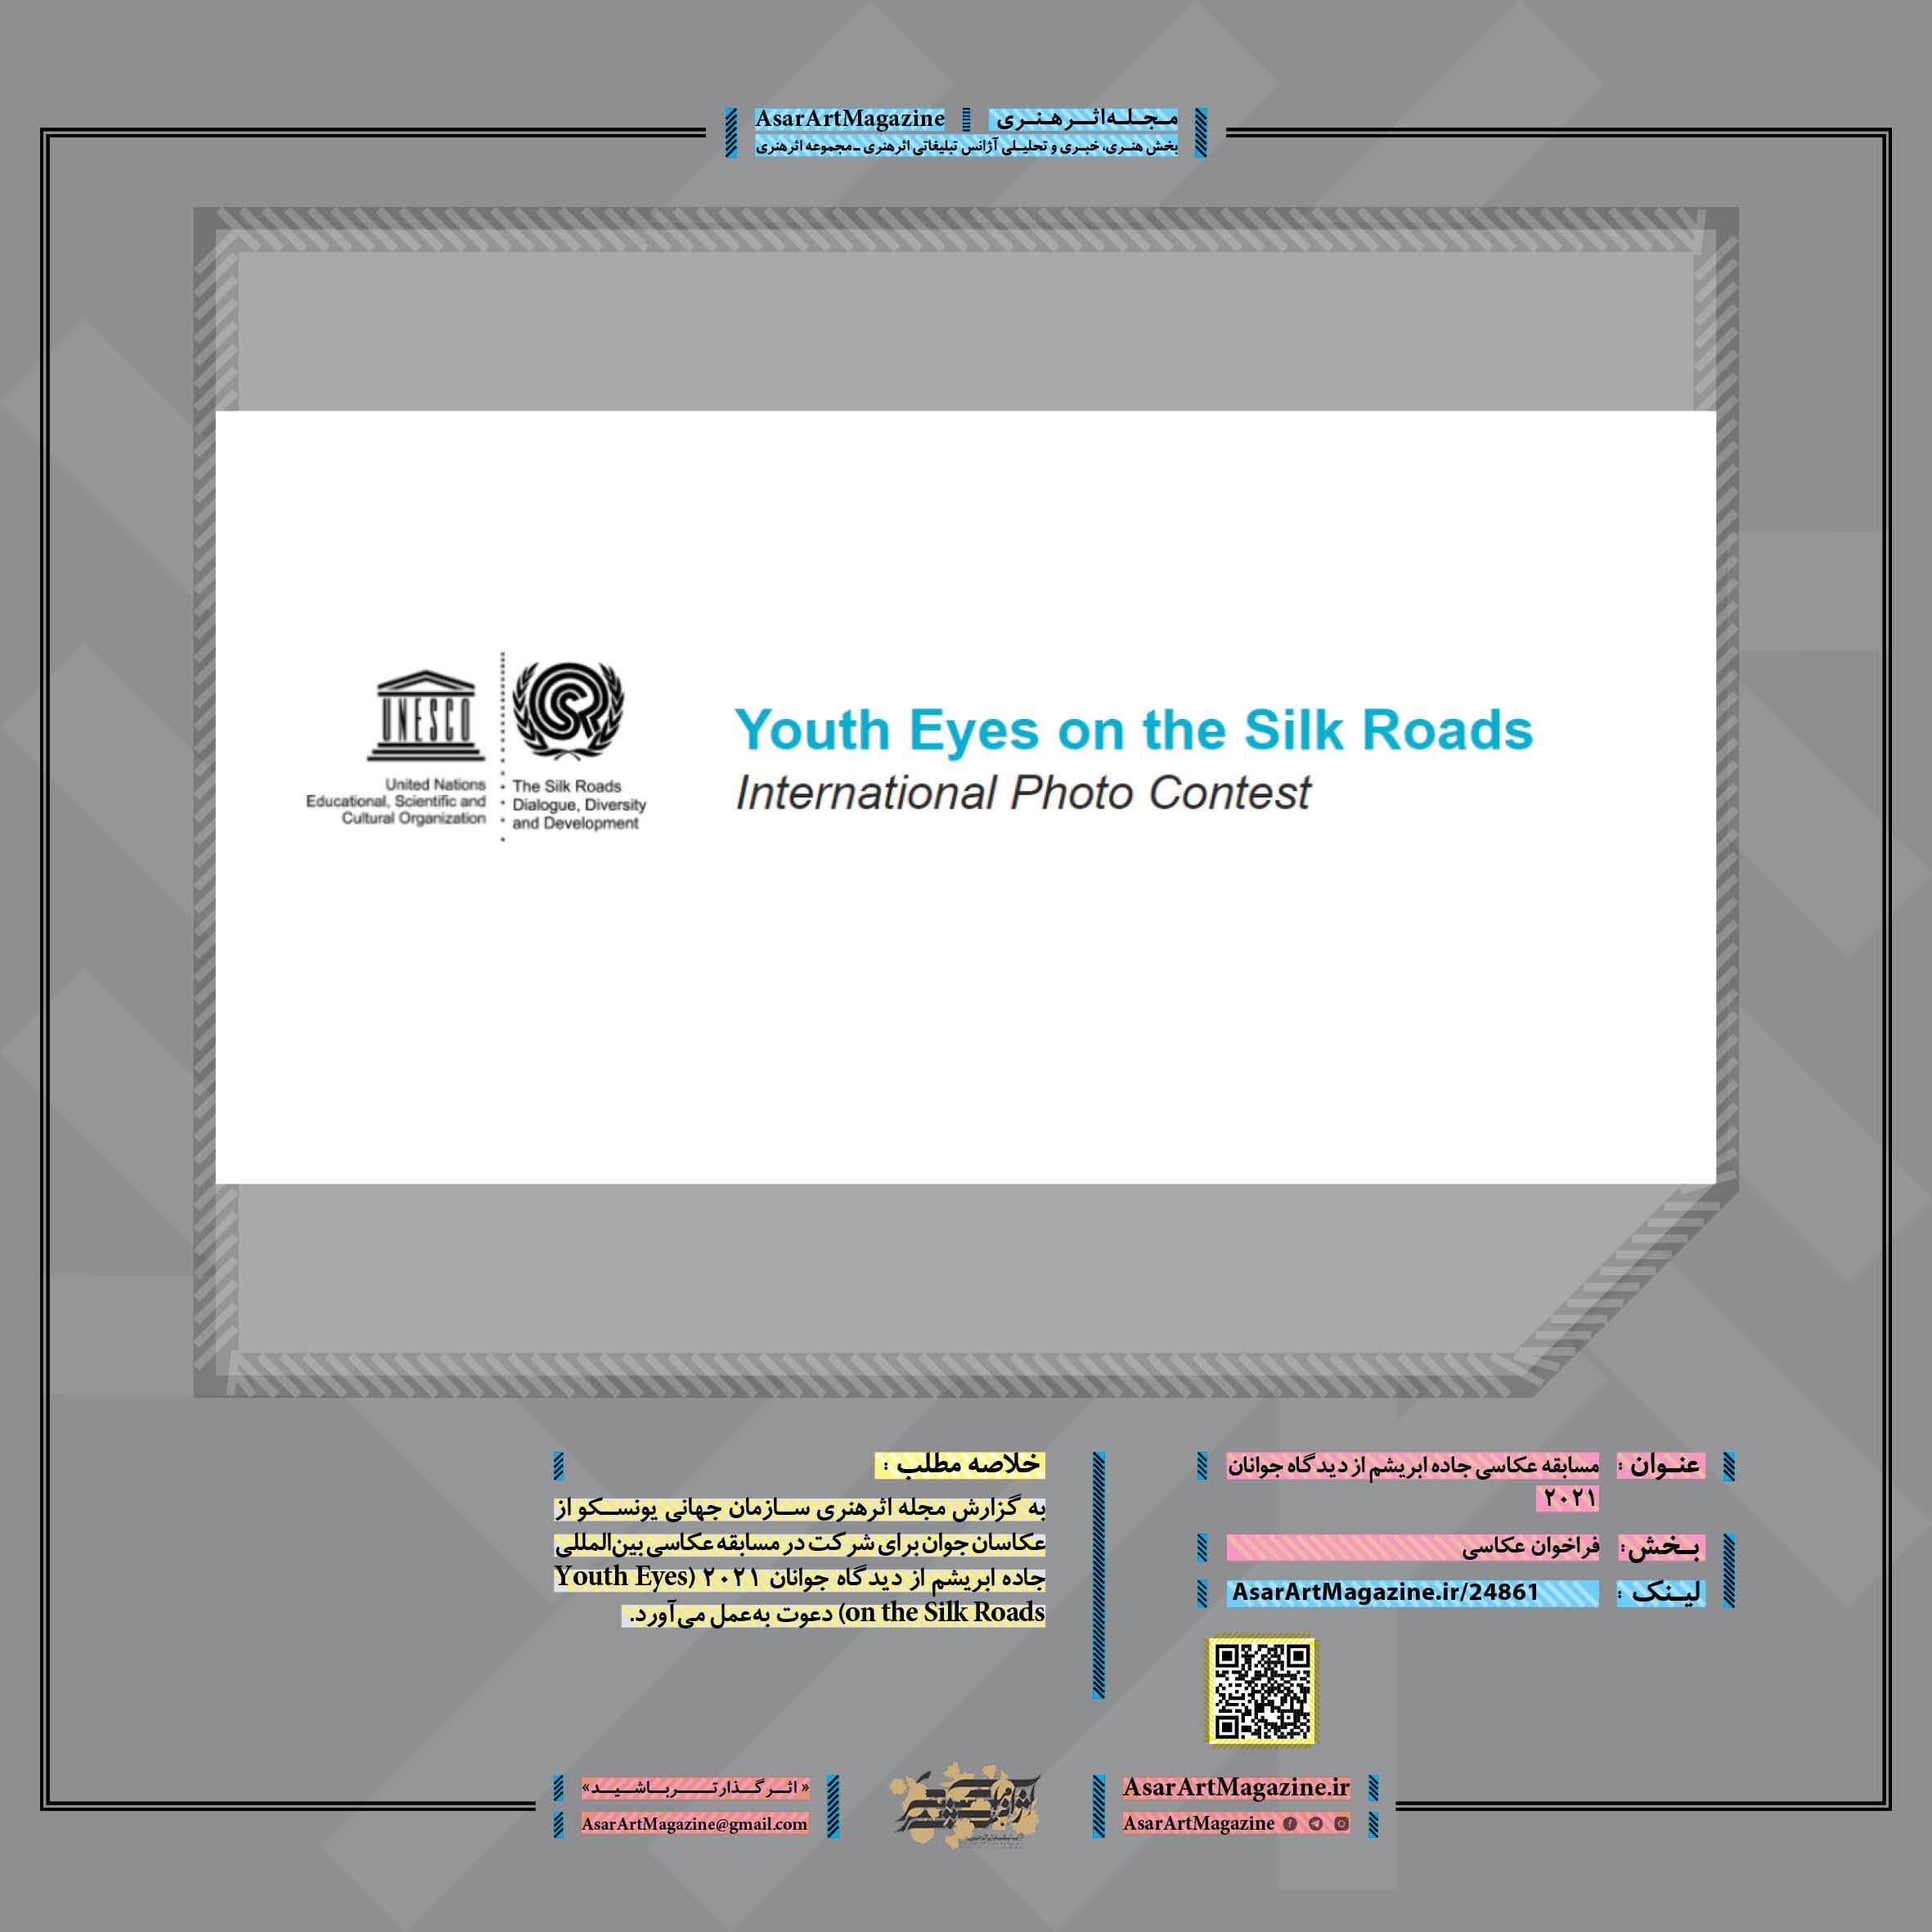 مسابقه عکاسی جاده ابریشم از دیدگاه جوانان ۲۰۲۱ لینک : https://asarartmagazine.ir/?p=24861👇 سایت : AsarArtMagazine.ir اینستاگرام : instagram.com/AsarArtMagazine تلگرام :  t.me/AsarArtMagazine 👆